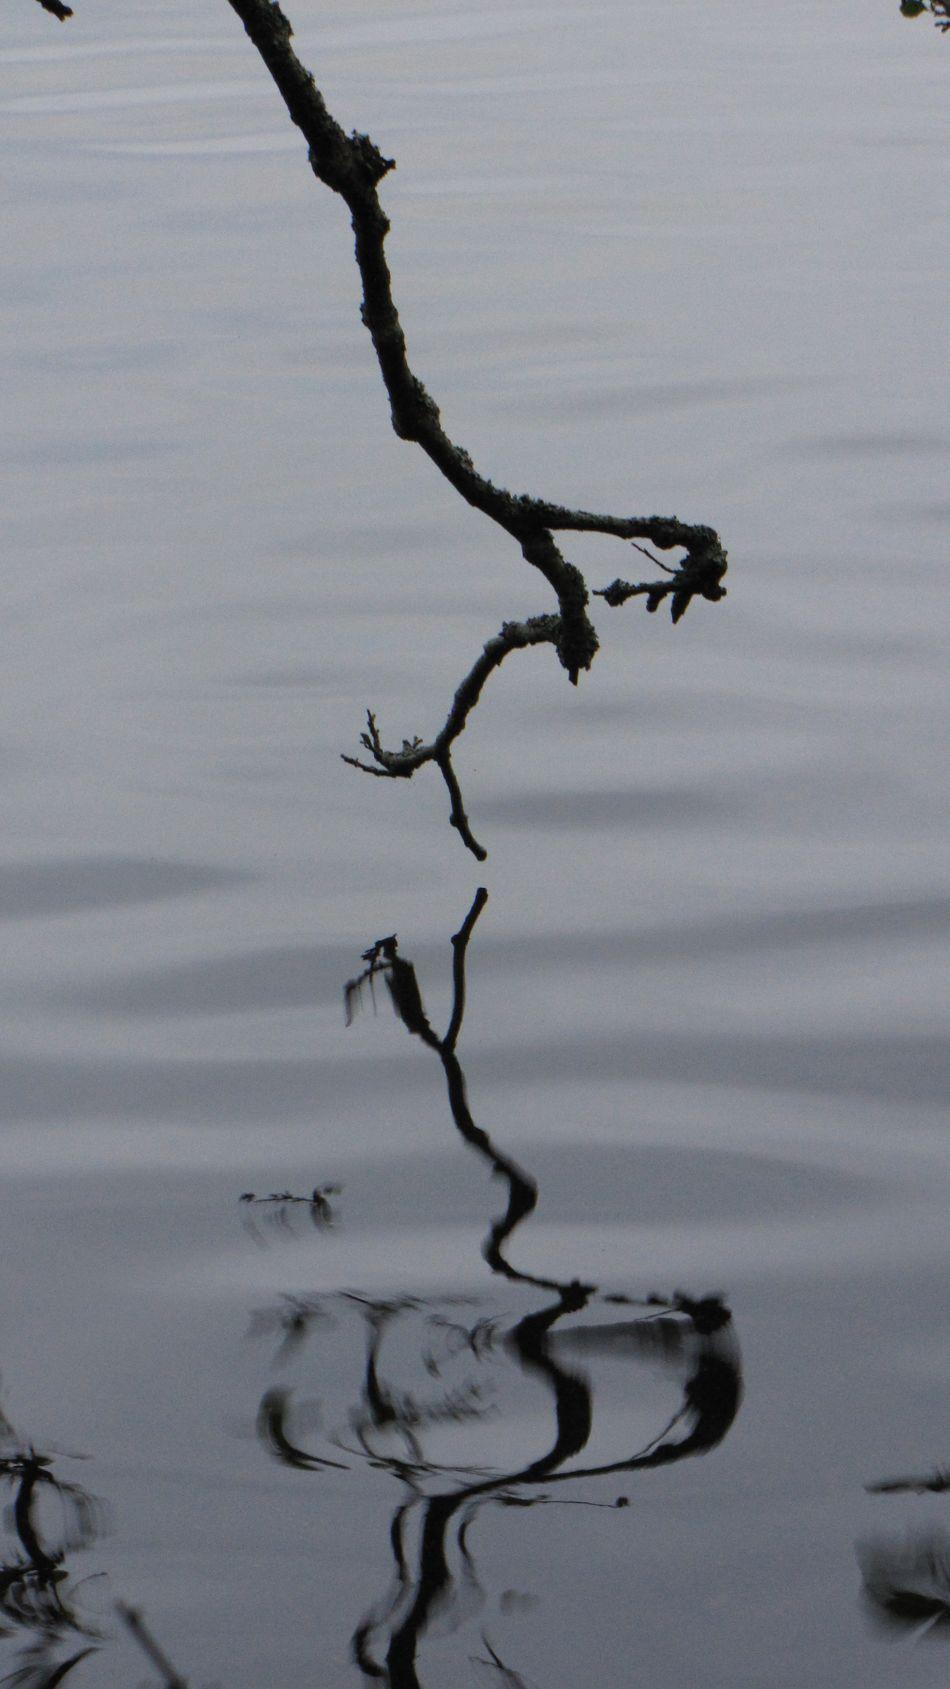 отражение коряга Snag бонсай Bonsai Branches ветки Ripples рябь Reflection